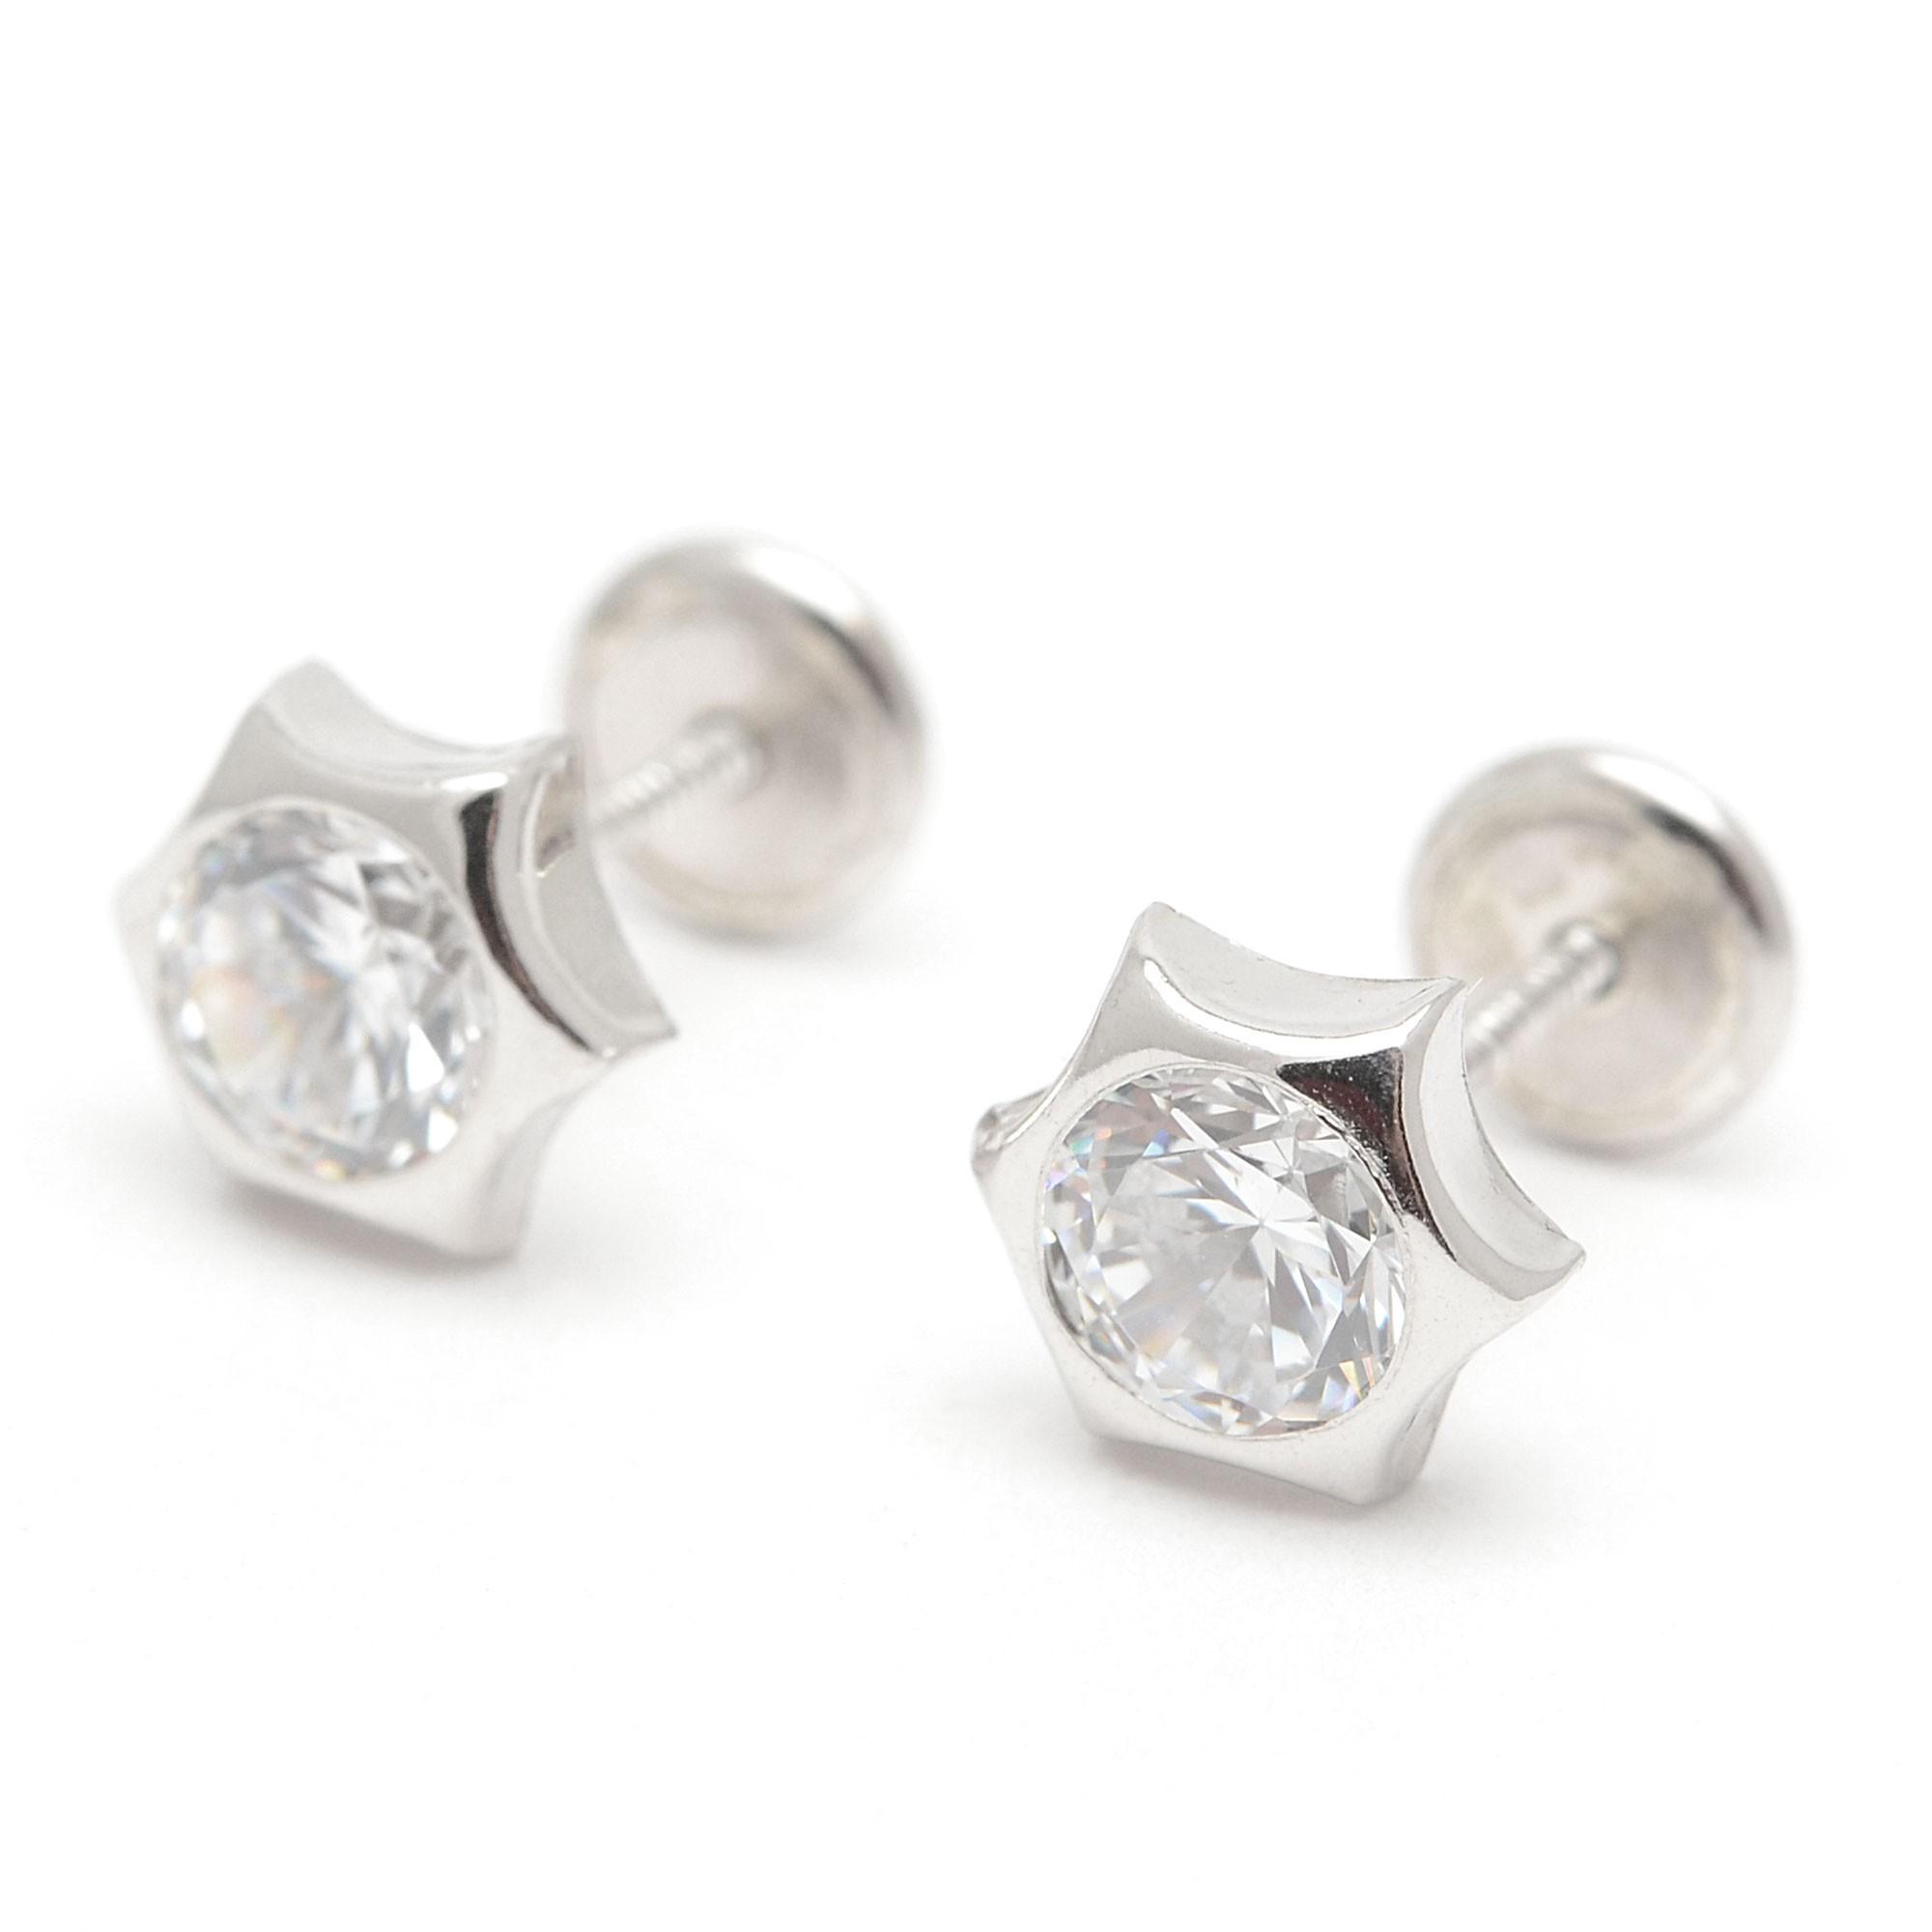 Opal 925er Sterling plata pendientes aretes creolen plegable circonita piedra nuevo